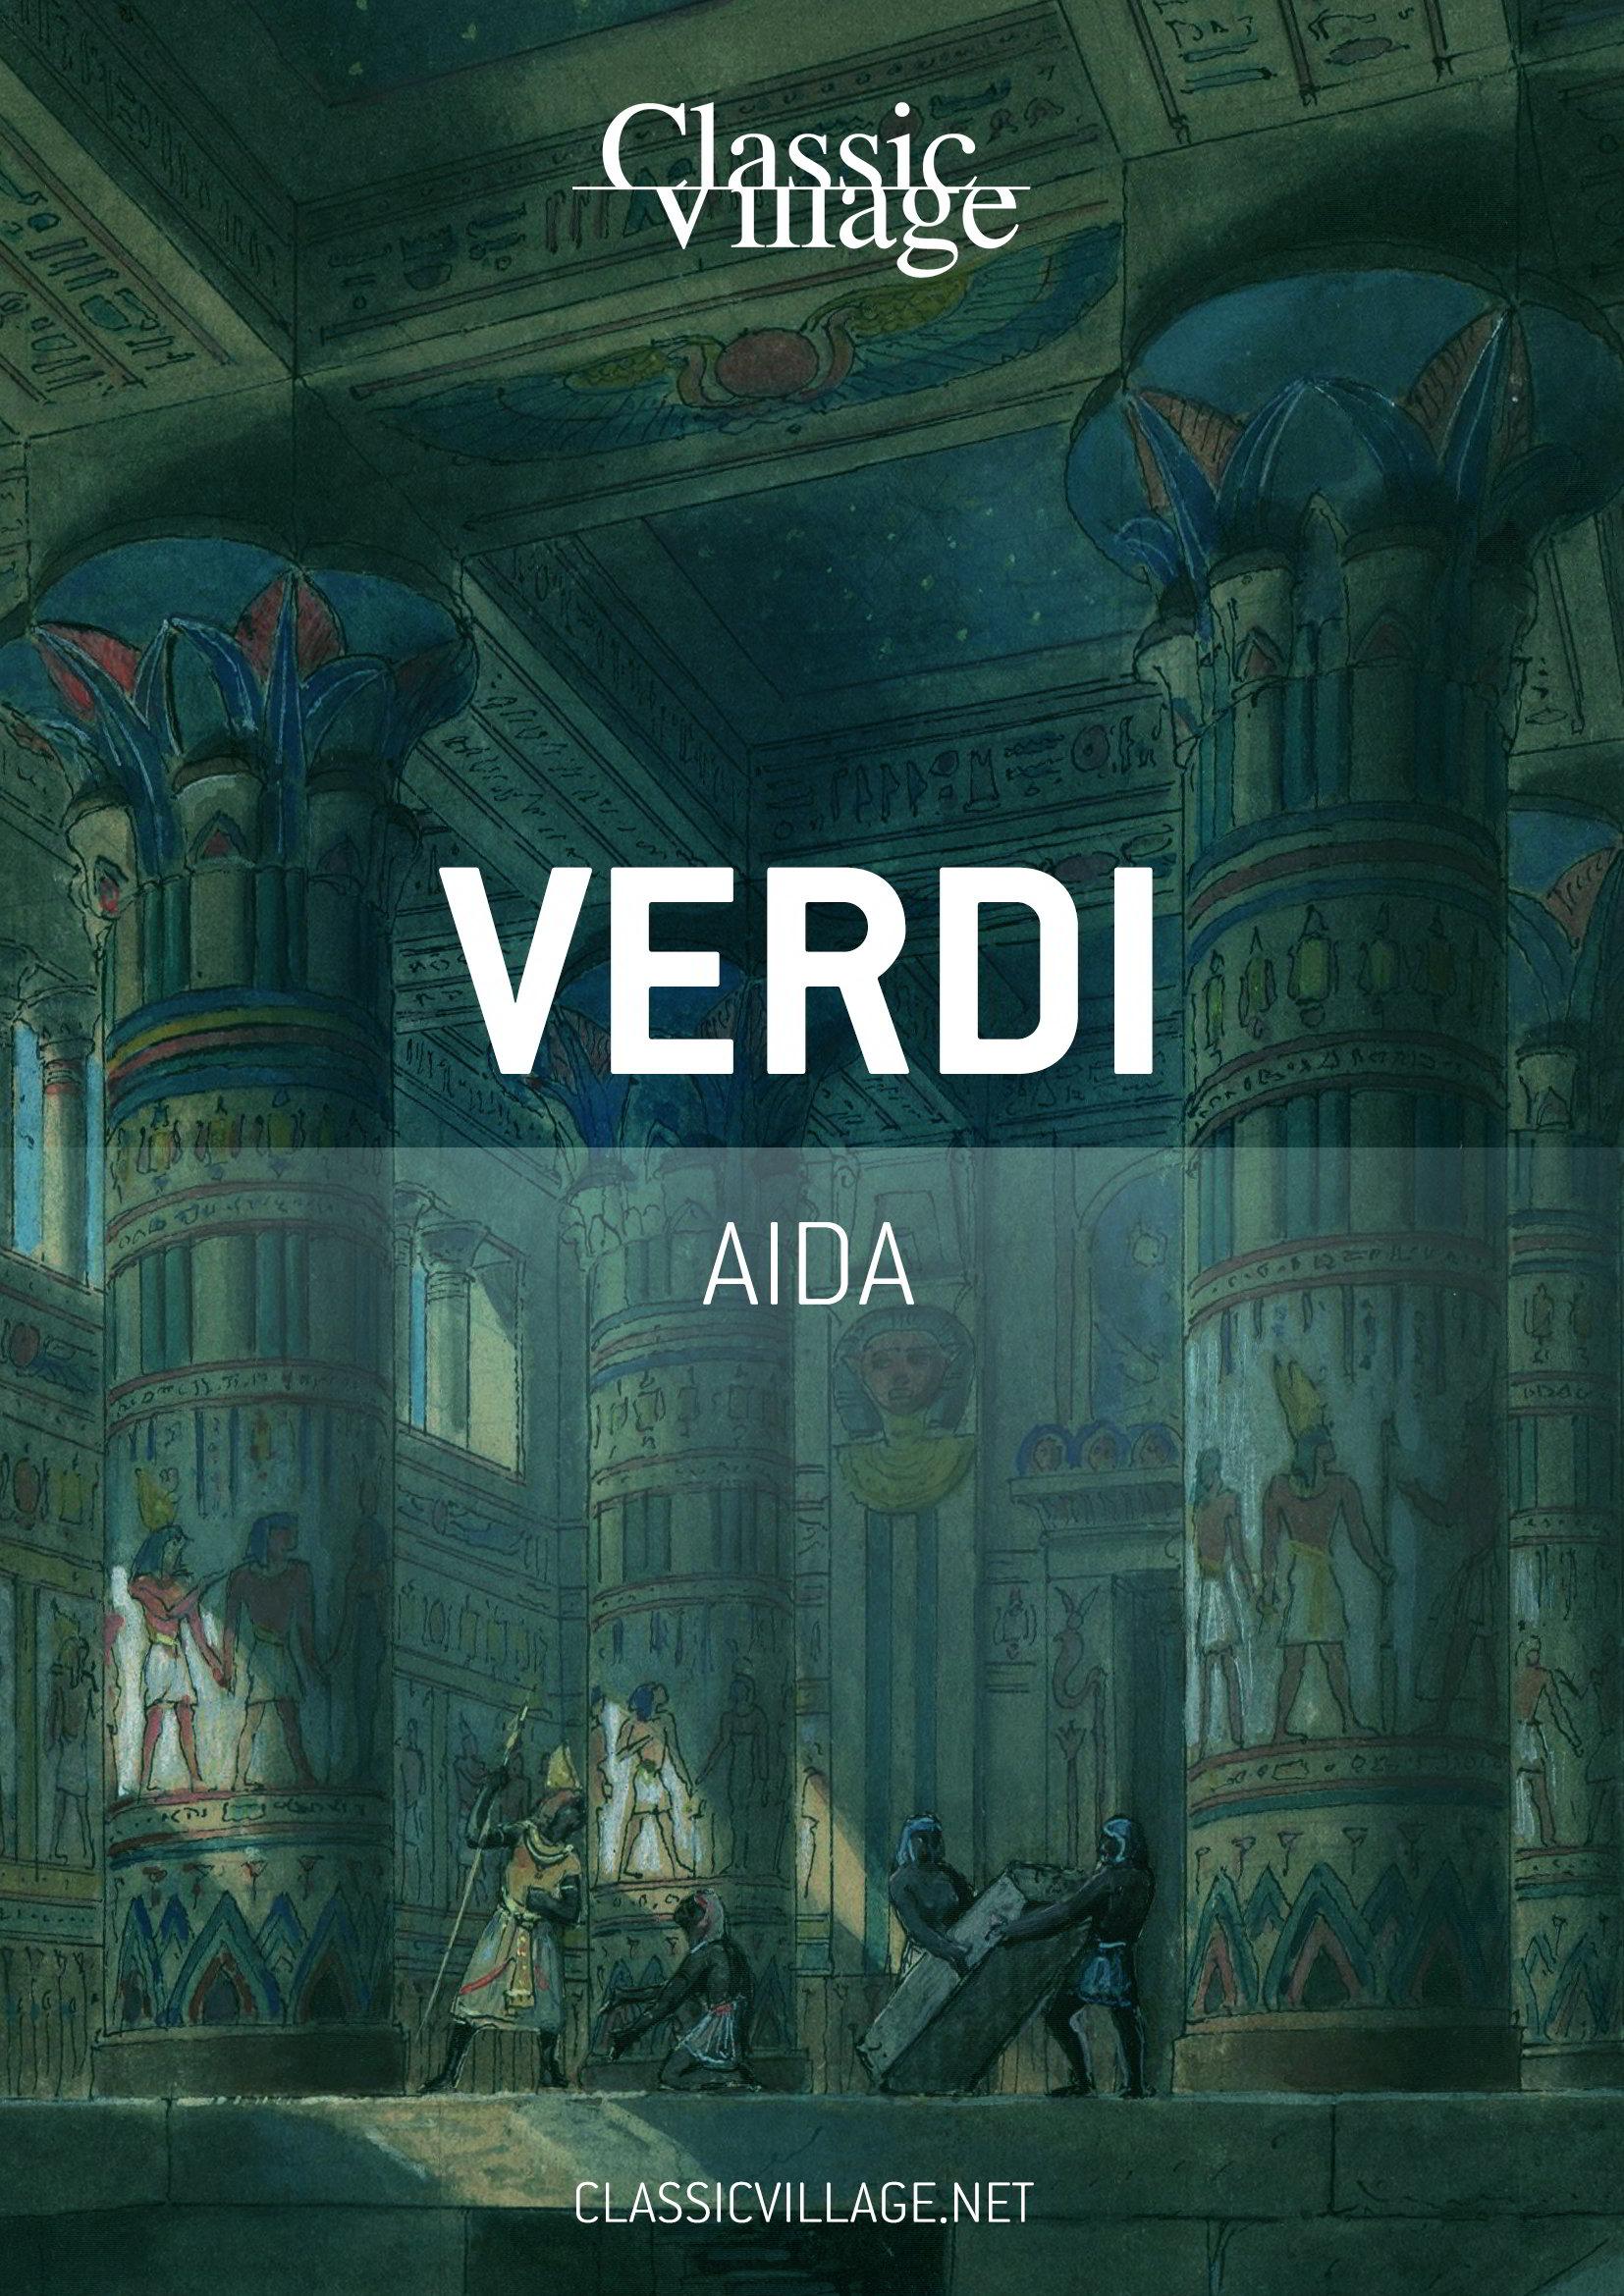 Copertina libretto Aida, opera di Giuseppe Verdi